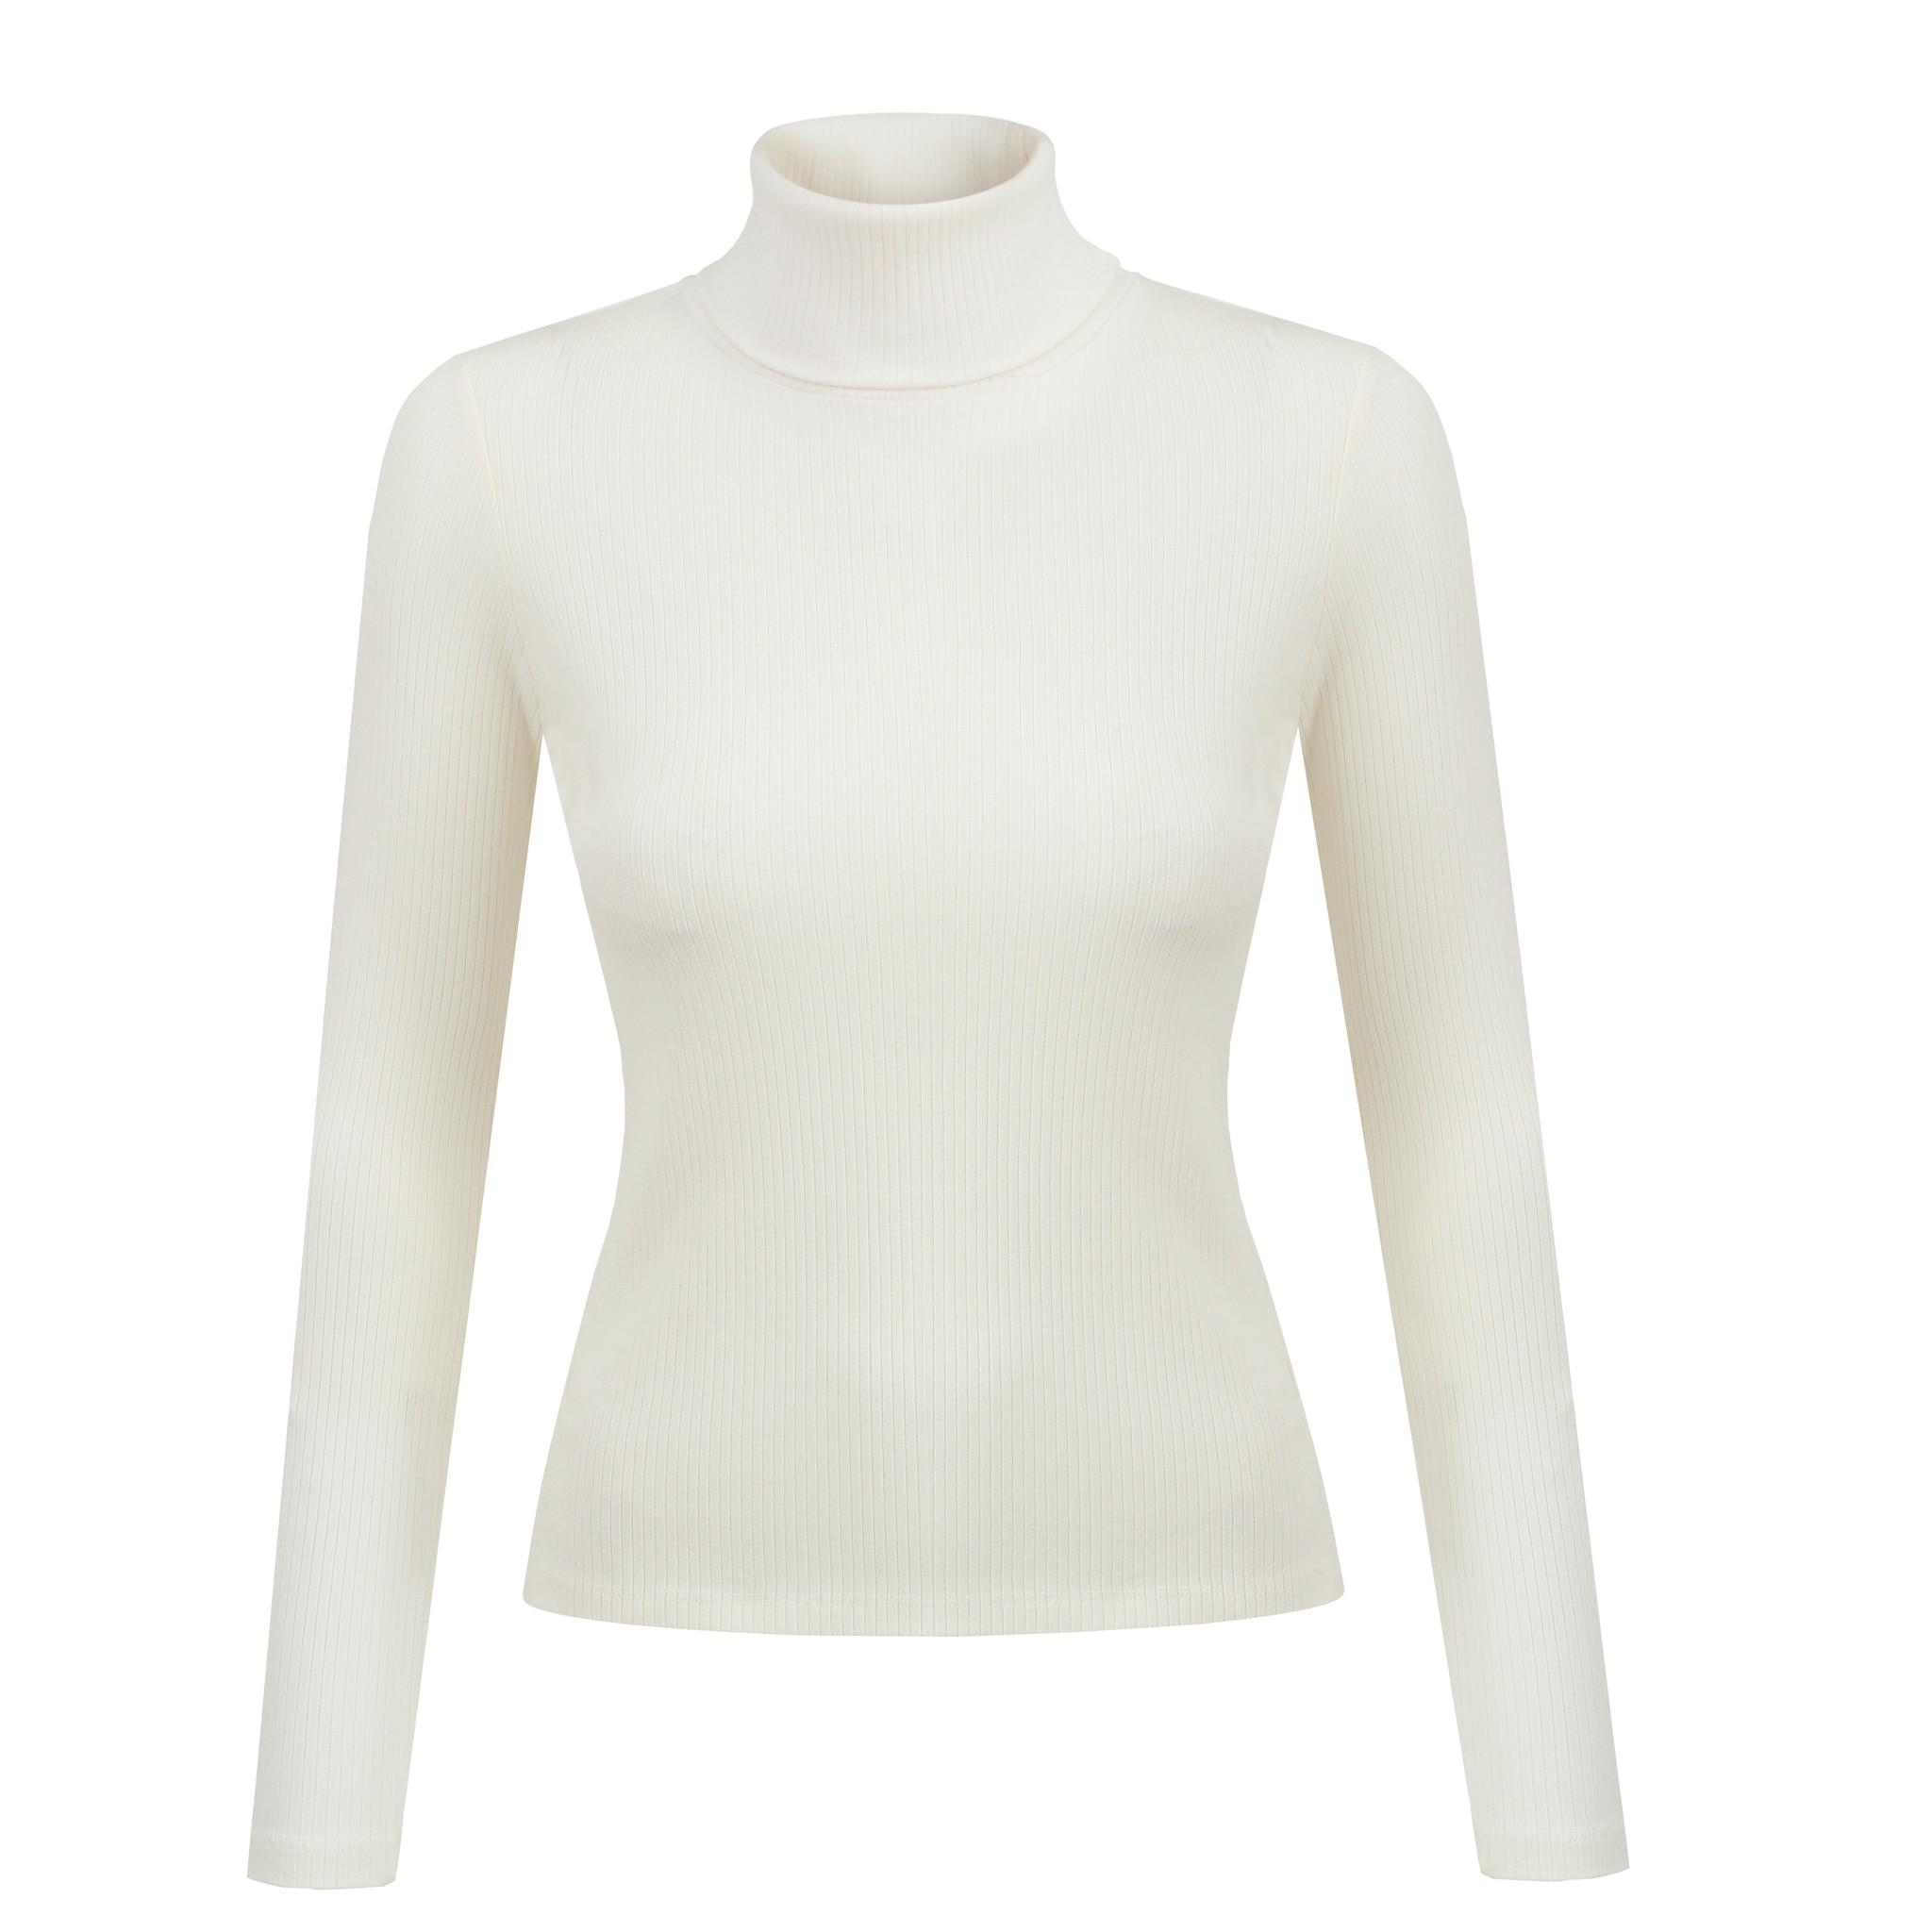 NAGO Organic cotton turtleneck / white | SoBio Beauty Boutique